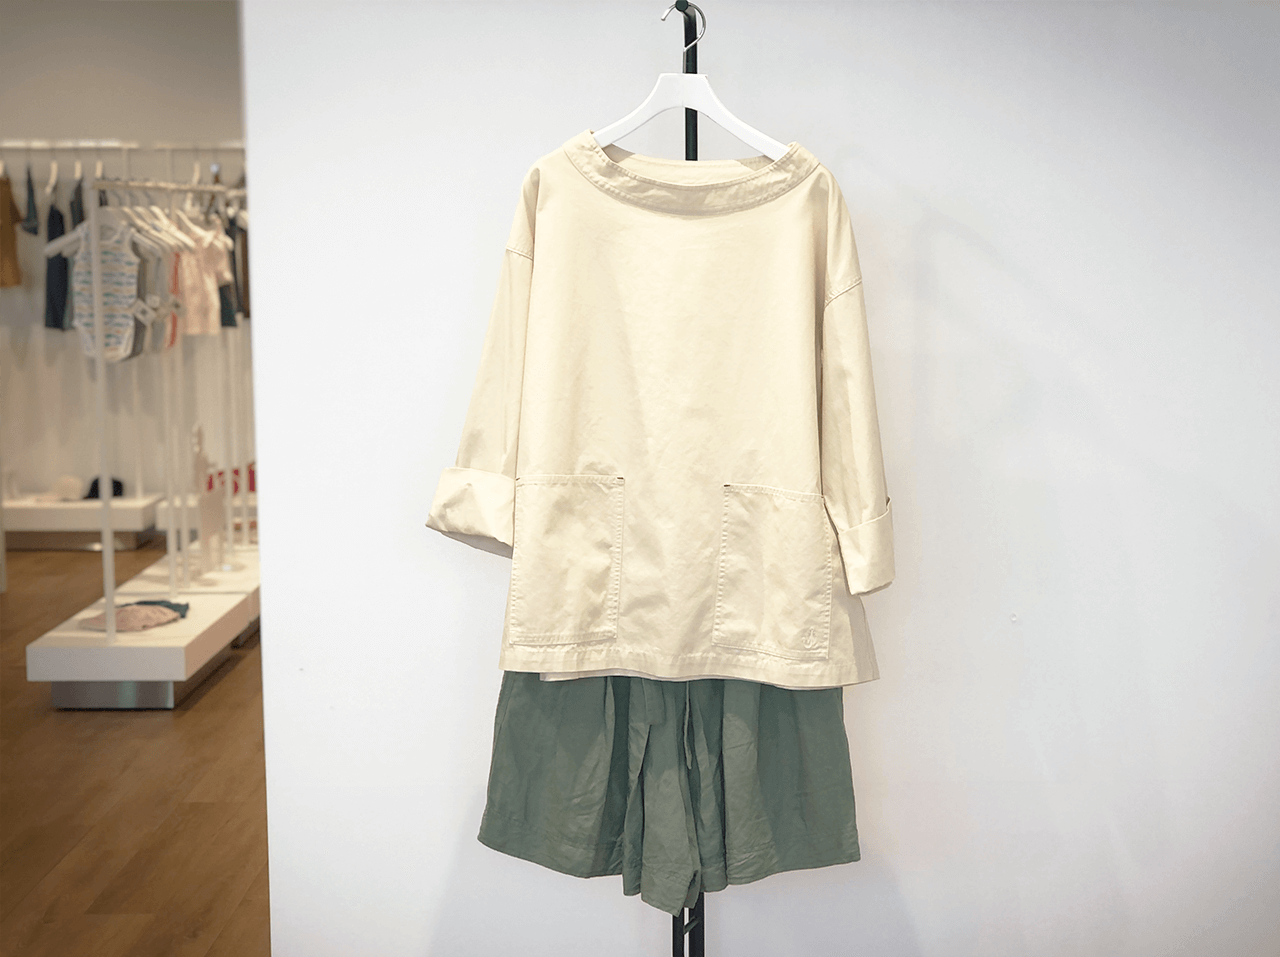 上:コットンリラックスプルオーバーシャツ(7分袖)¥2,990/下:リネンブレンドタックショートパンツ¥2,990